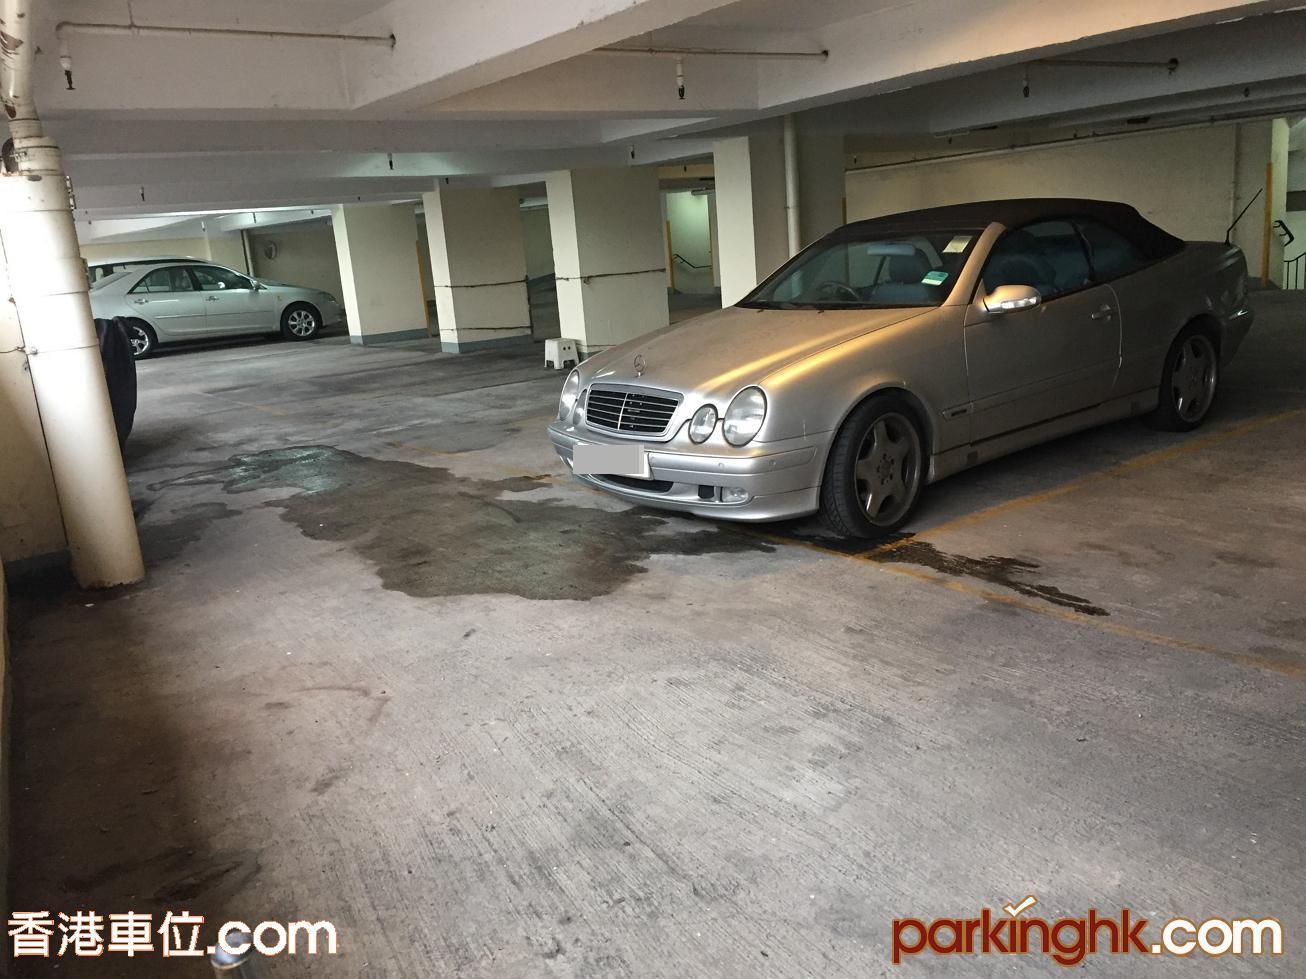 堅尼地城車位 域多利道 麗景大廈 車位 圖片 香港車位.com ParkingHK.com